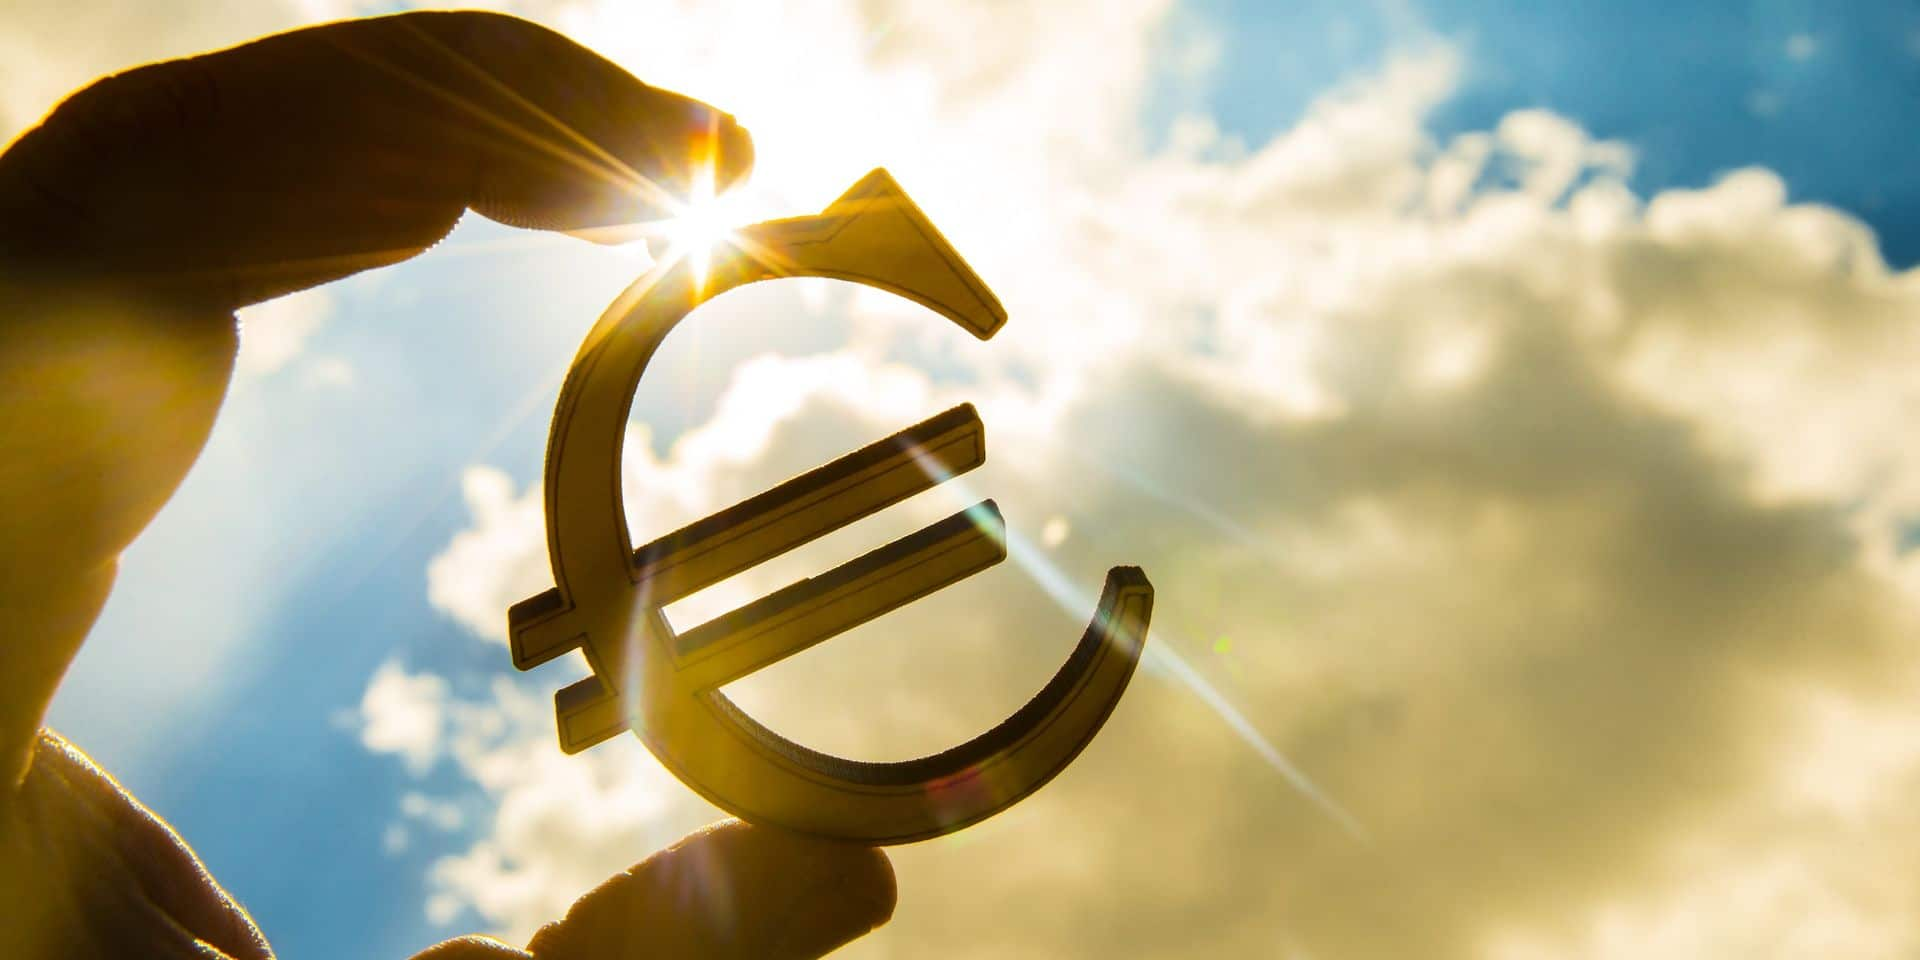 L'euro stable dans un marché apparemment calme